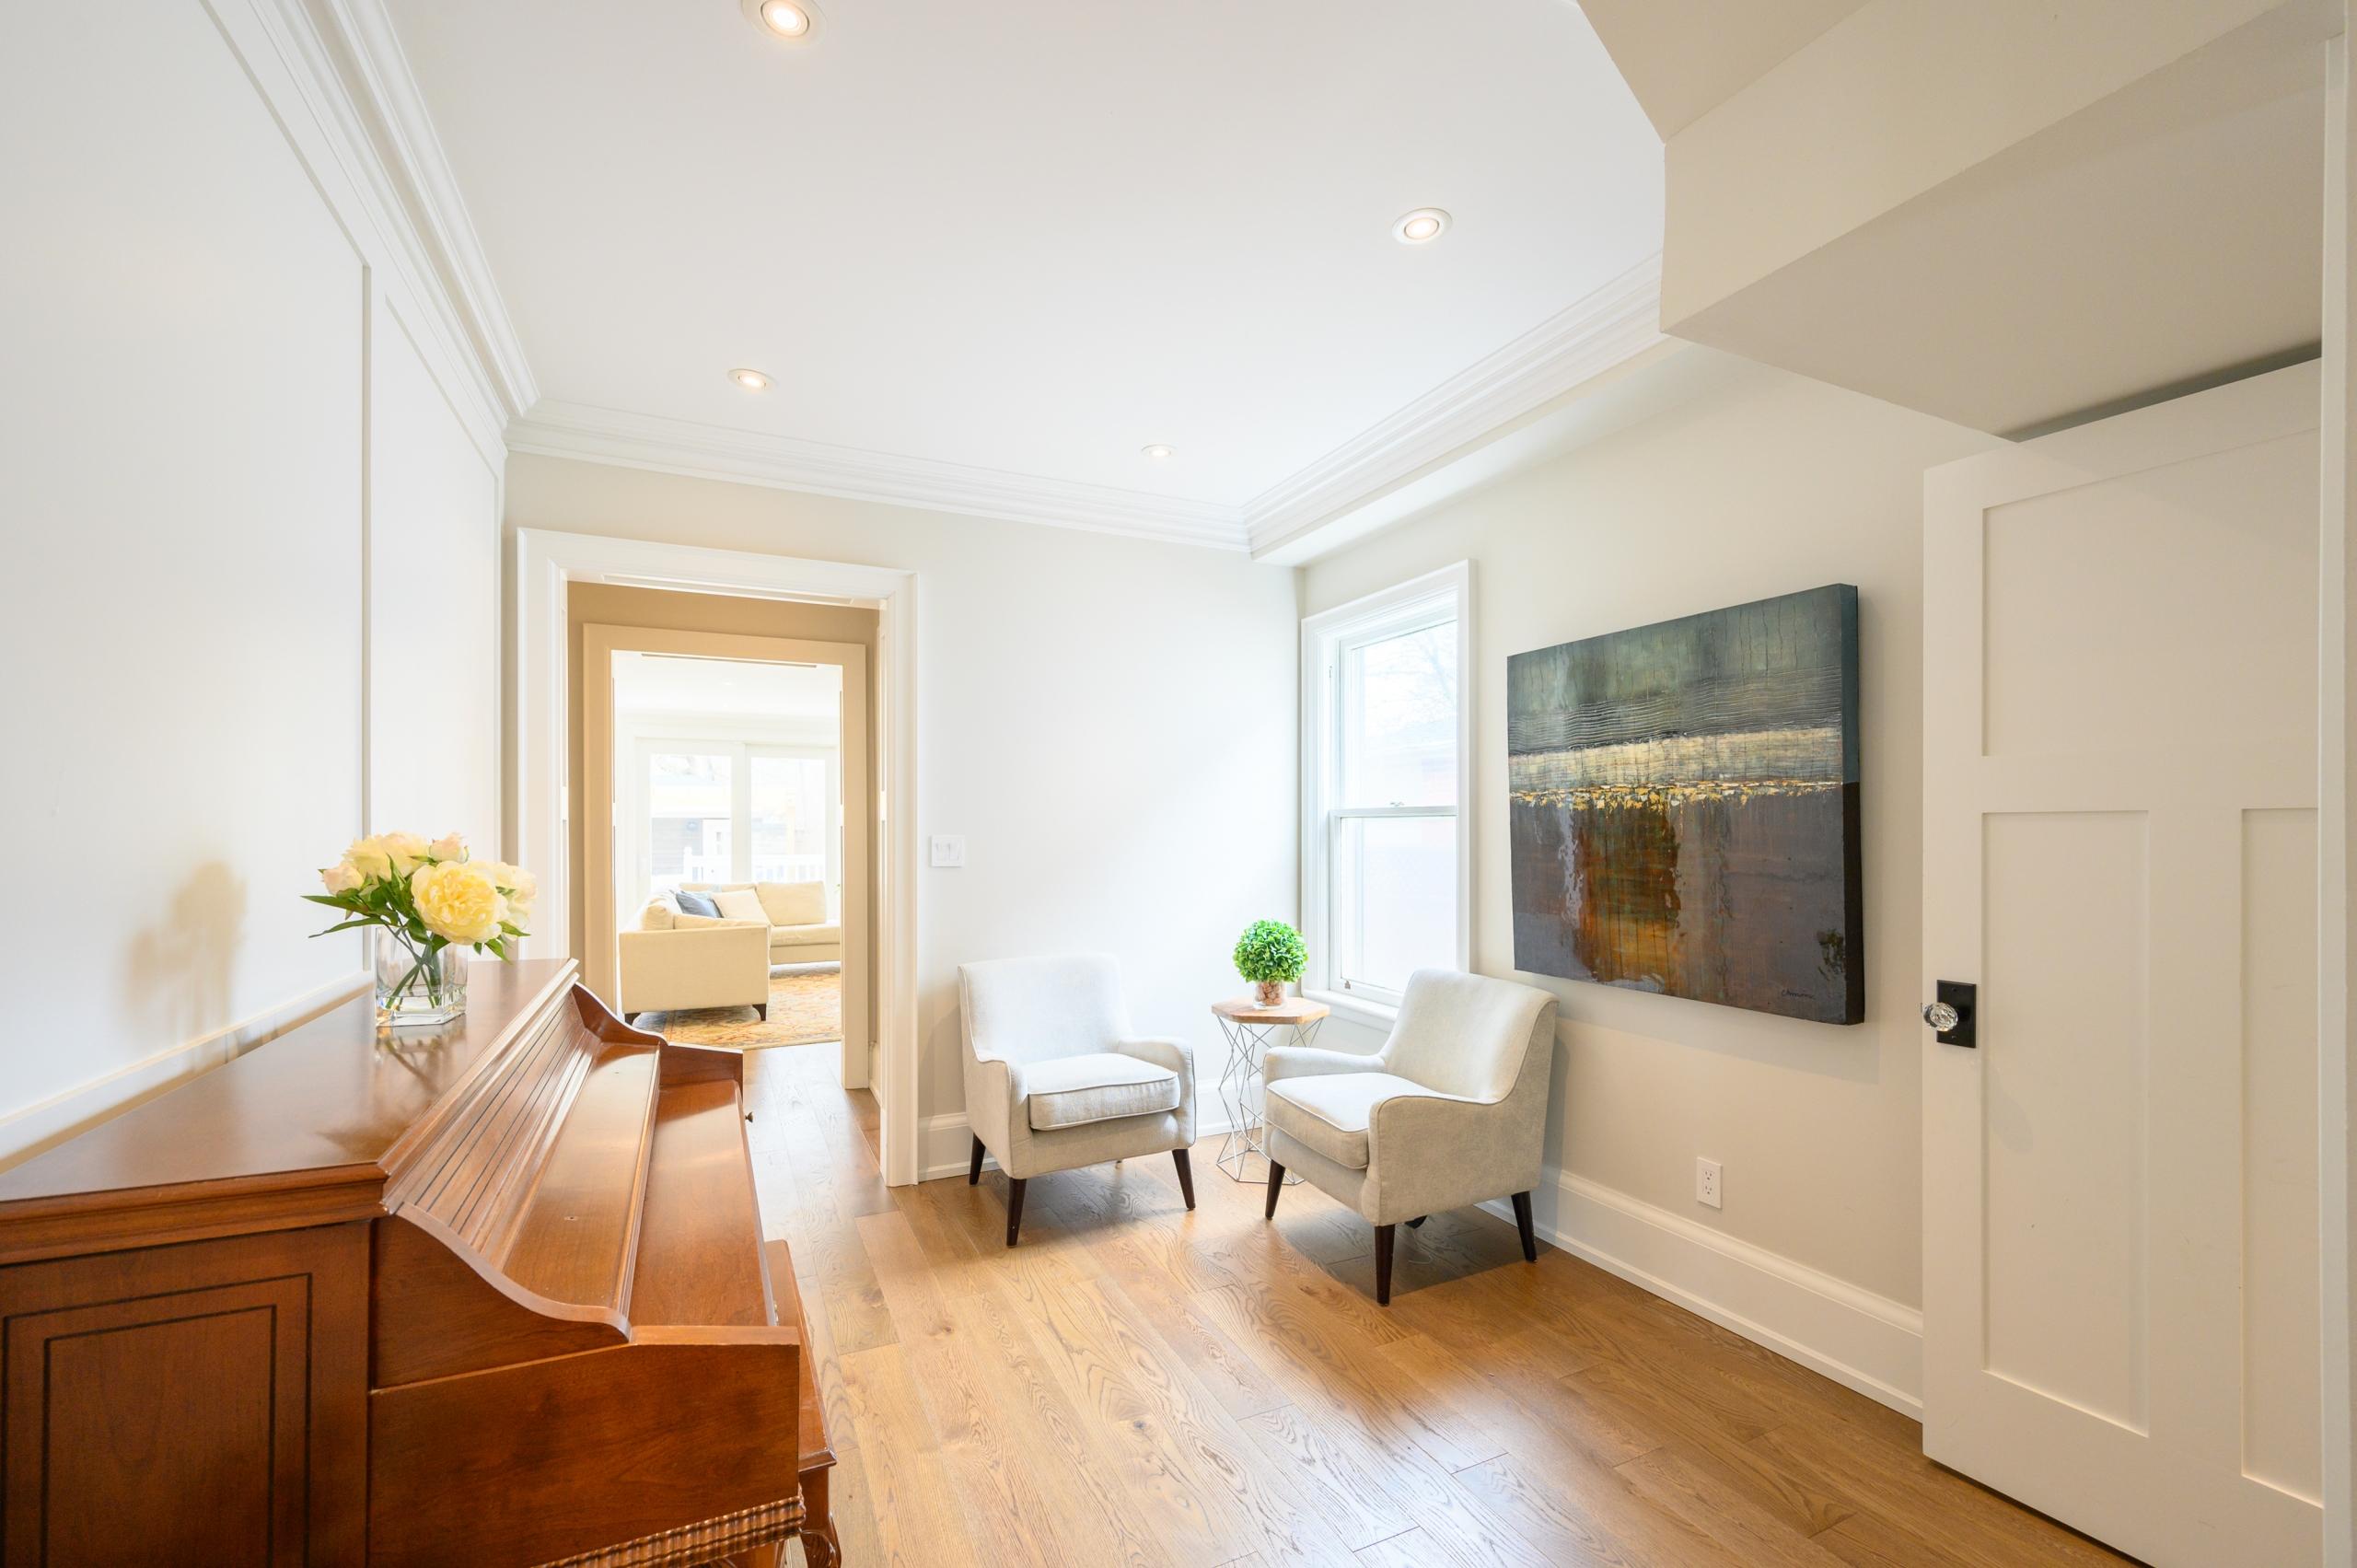 Entrance room featured at 199 Allan Street, Old Oakville, ON at Alex Irish & Associates